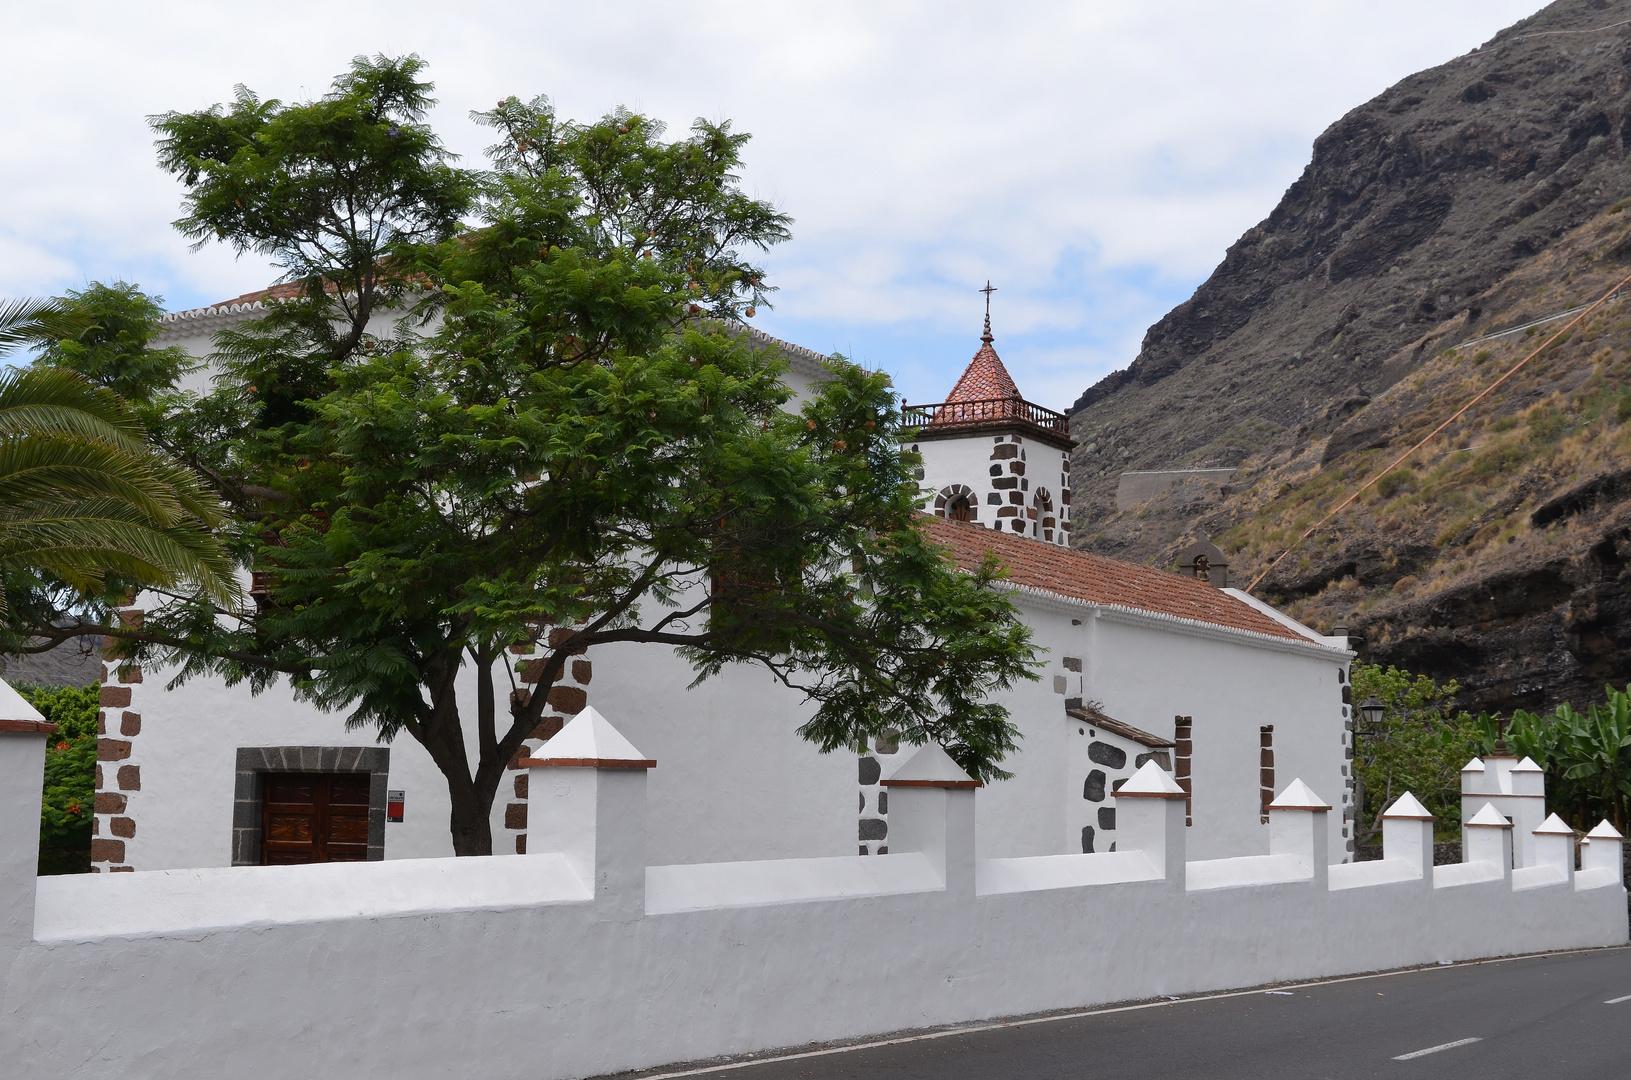 Kapelle Nuestra Senora de las Angustias, La Palma, August 2013